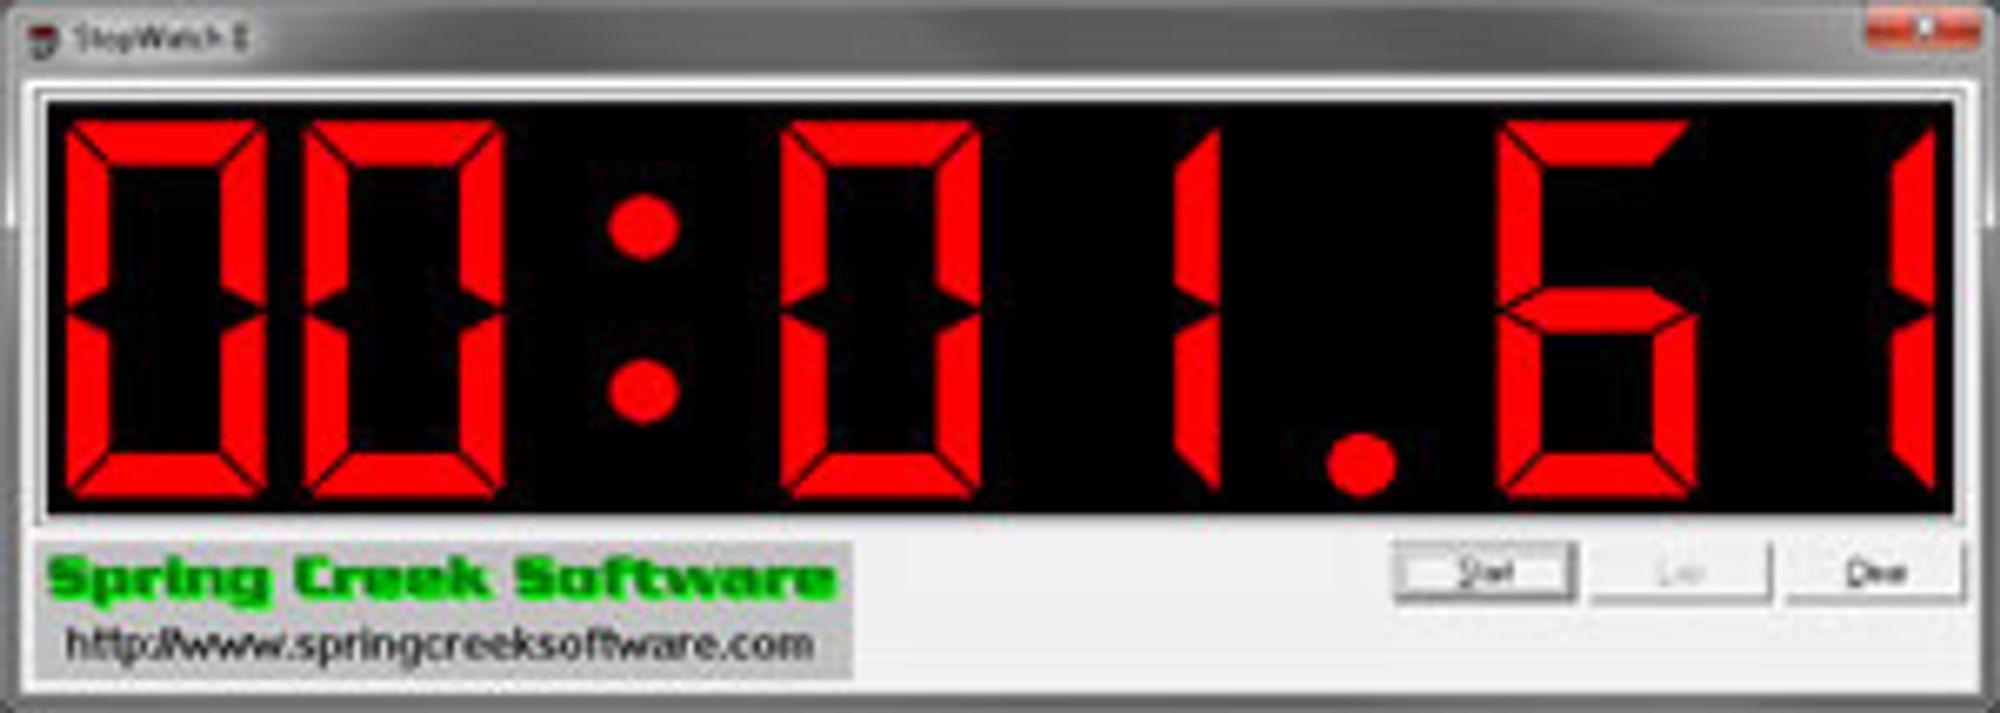 Vi tar bilde av stoppeklokken for å få så nøyaktige målinger som mulig.